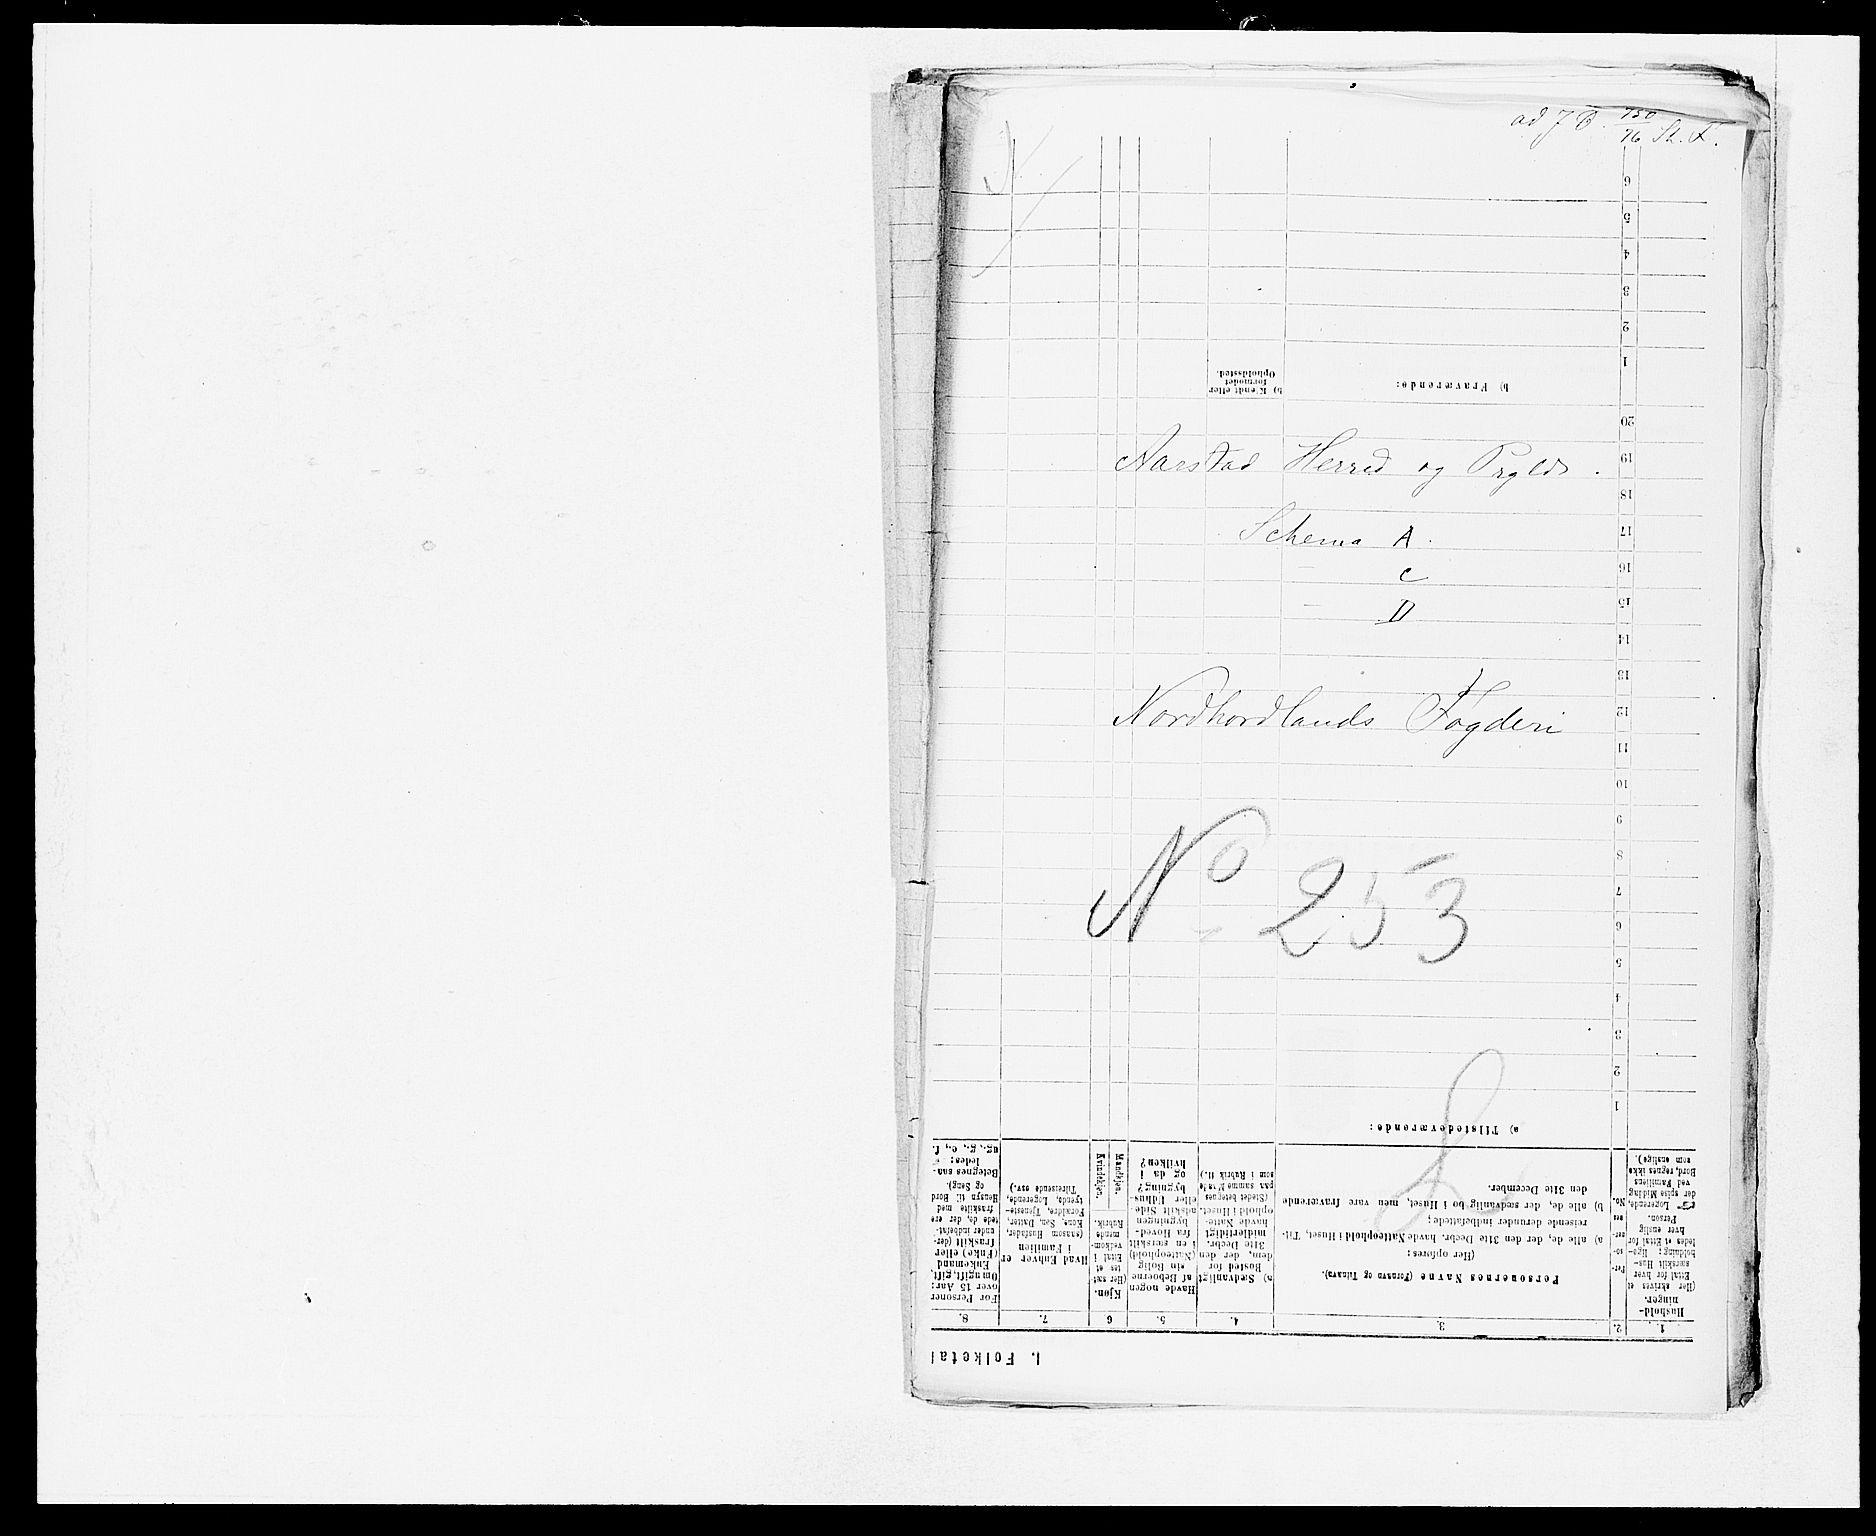 SAB, Folketelling 1875 for 1280P Årstad prestegjeld, 1875, s. 1